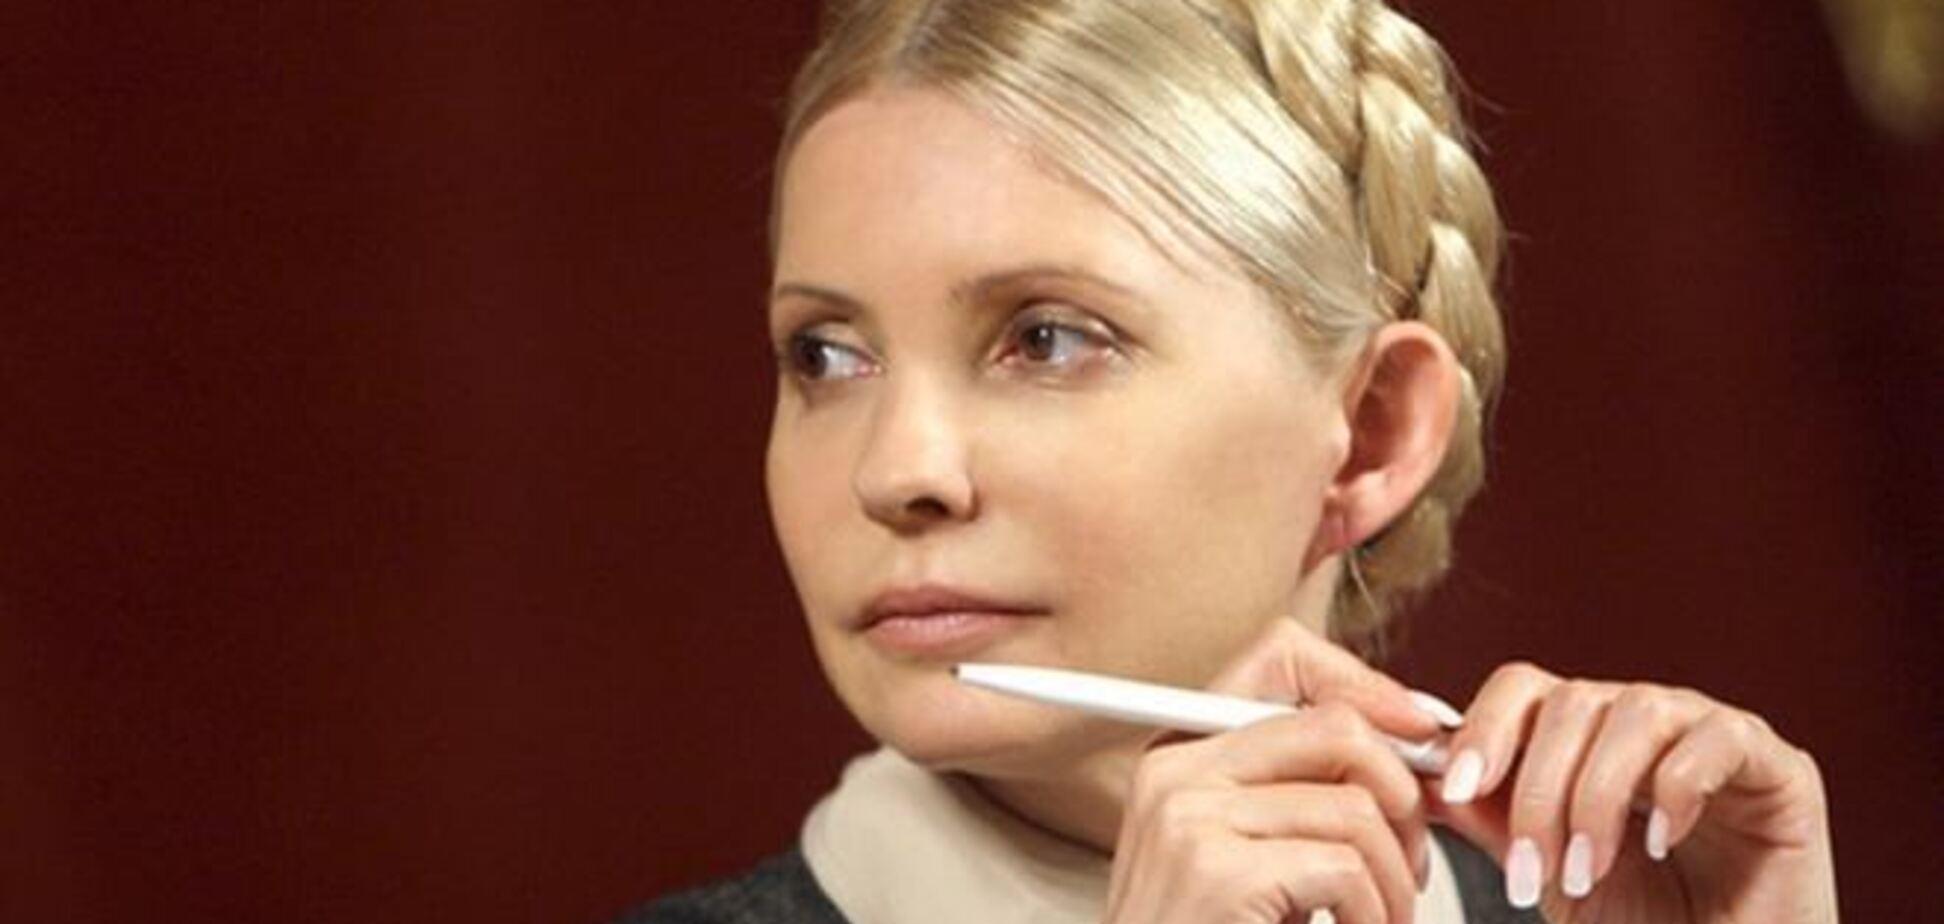 ВСУ закрив 'газову справу' Тимошенко